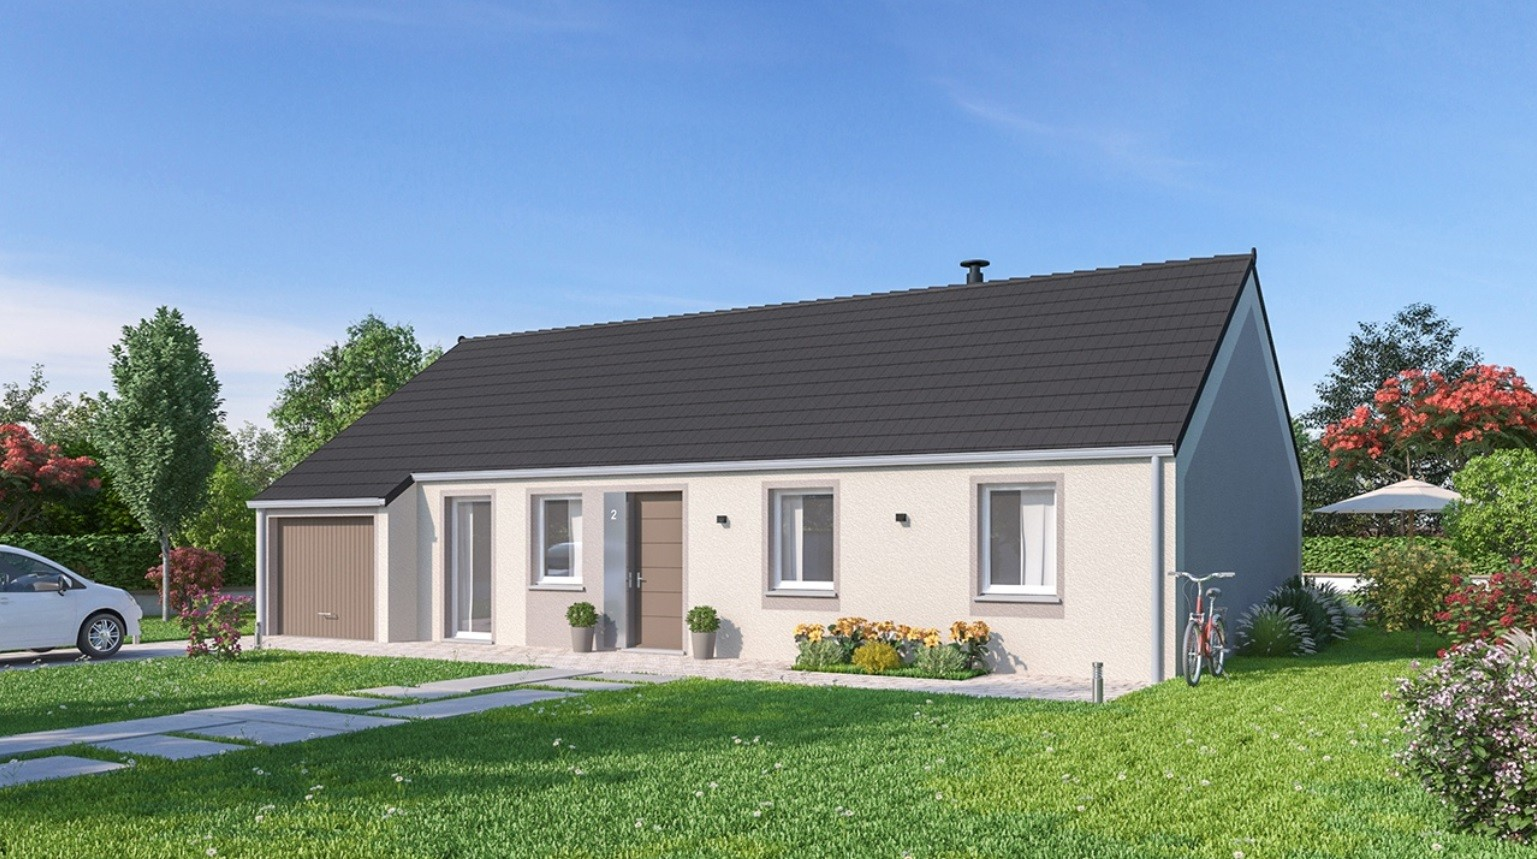 Maisons + Terrains du constructeur MAISONS PHENIX • 102 m² • BOUXIERES AUX DAMES